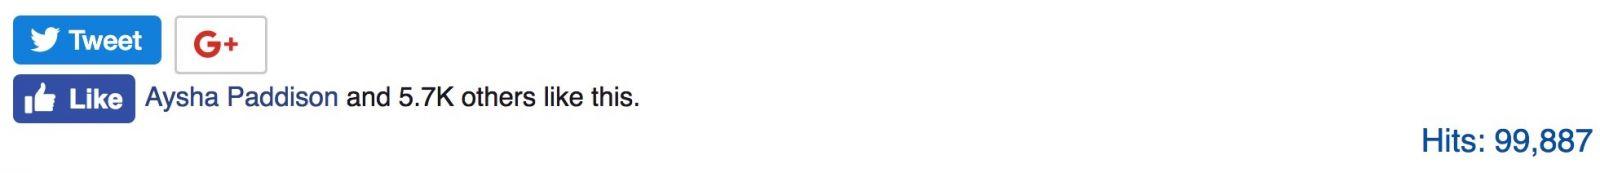 Дэвид Уилкок - Потрясающие новые брифинги: Массовые обвинения, целевые аресты и Раскрытие Часть I, раздел 2 387_4